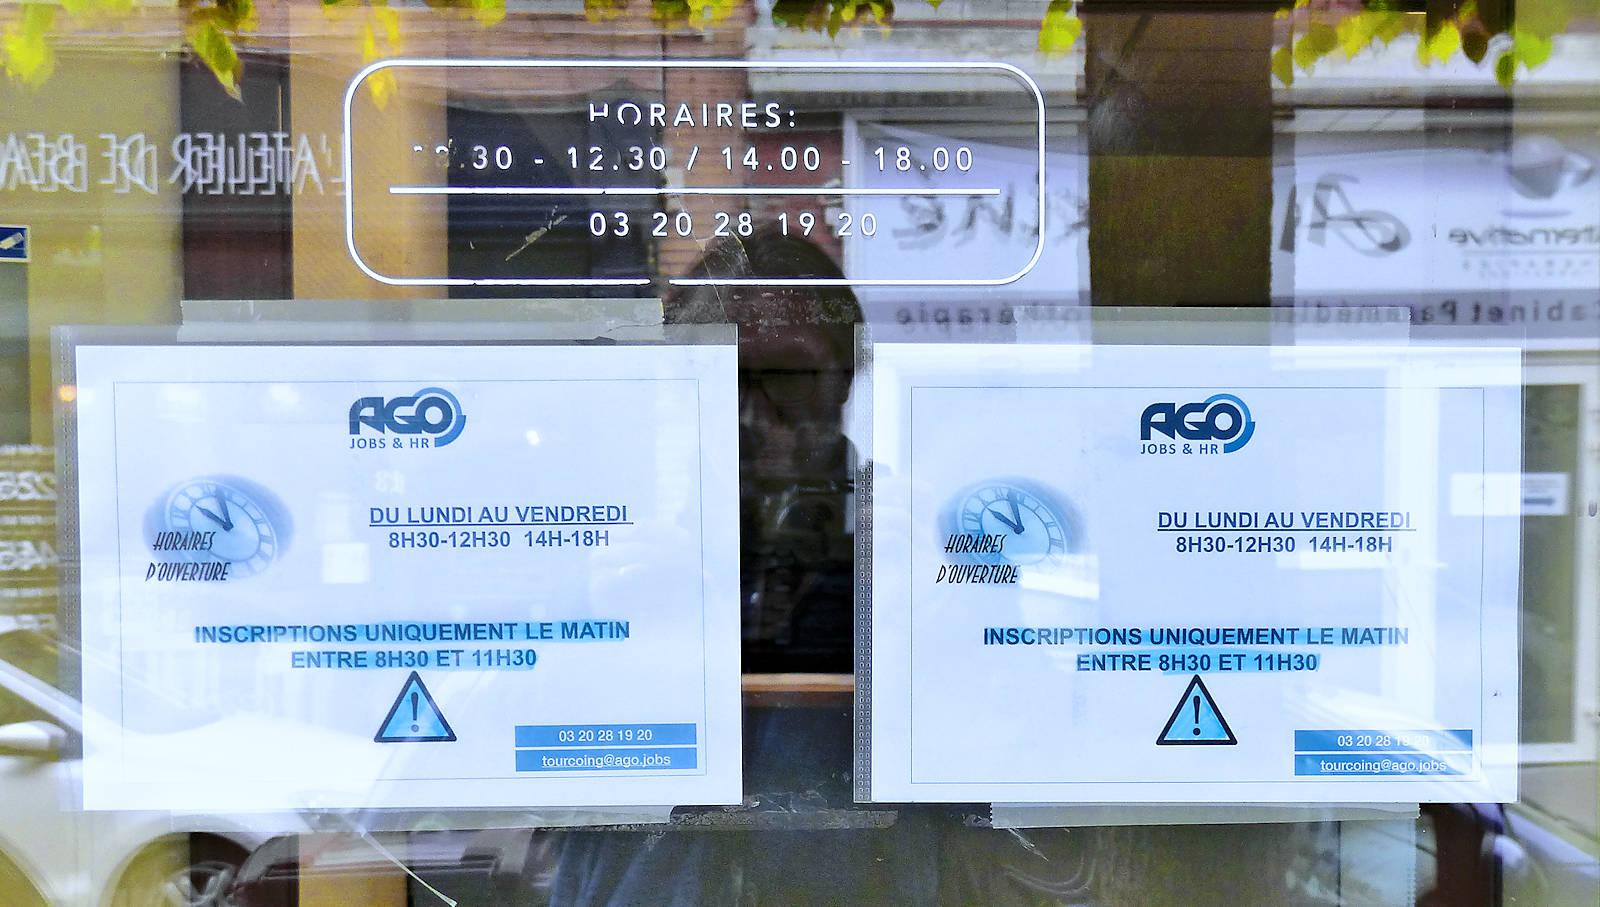 Horaires d'ouverture et d'inscription - AGO Intérim, Tourcoing Centre